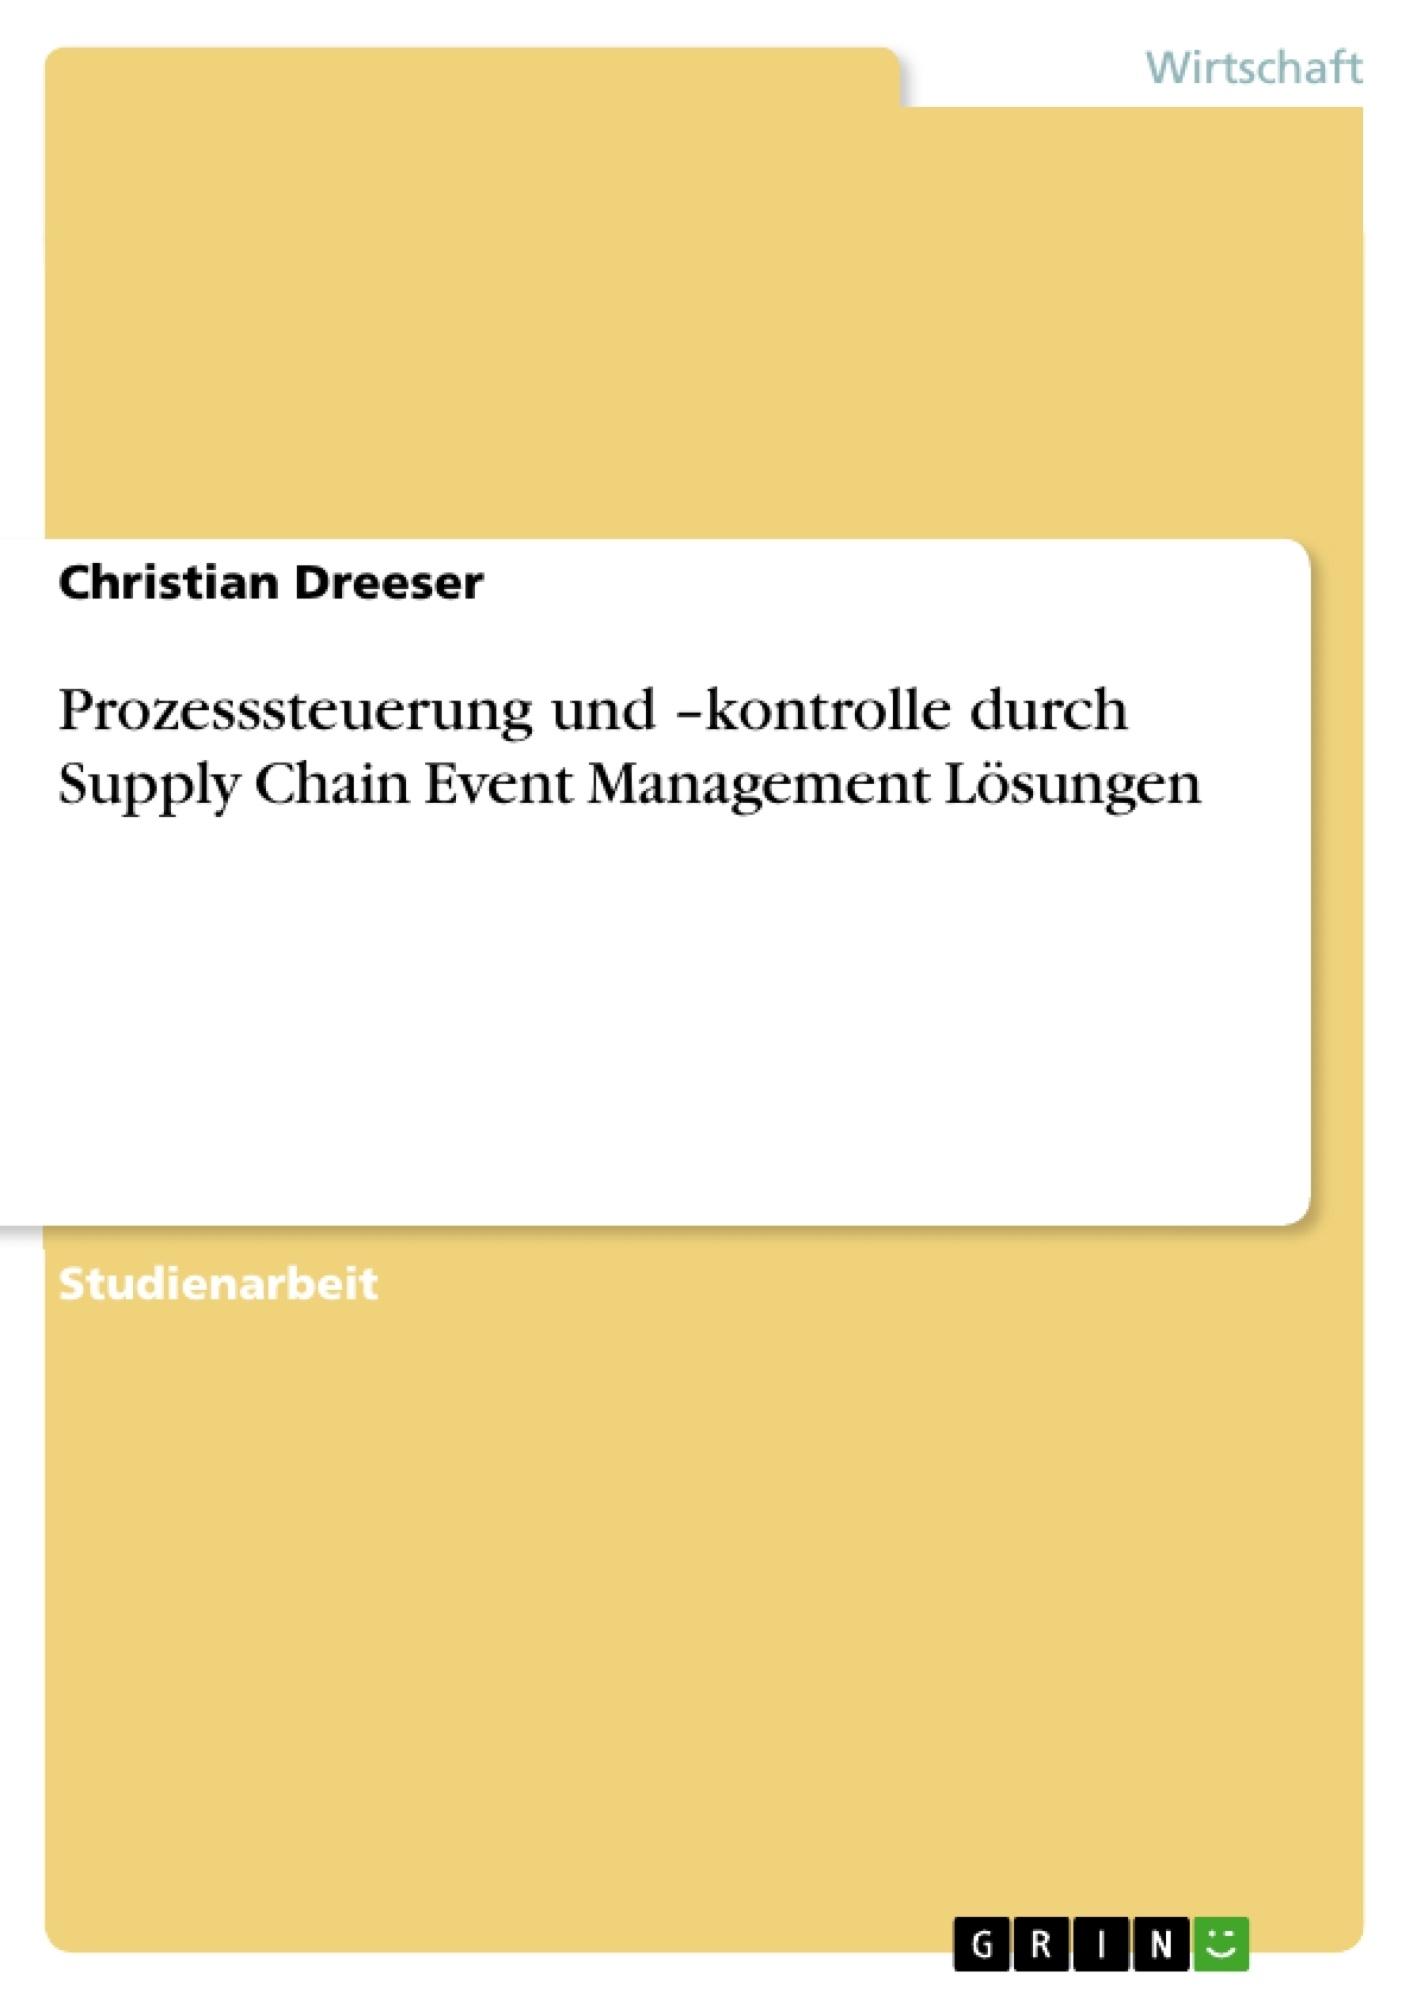 Titel: Prozesssteuerung und –kontrolle durch Supply Chain Event Management Lösungen